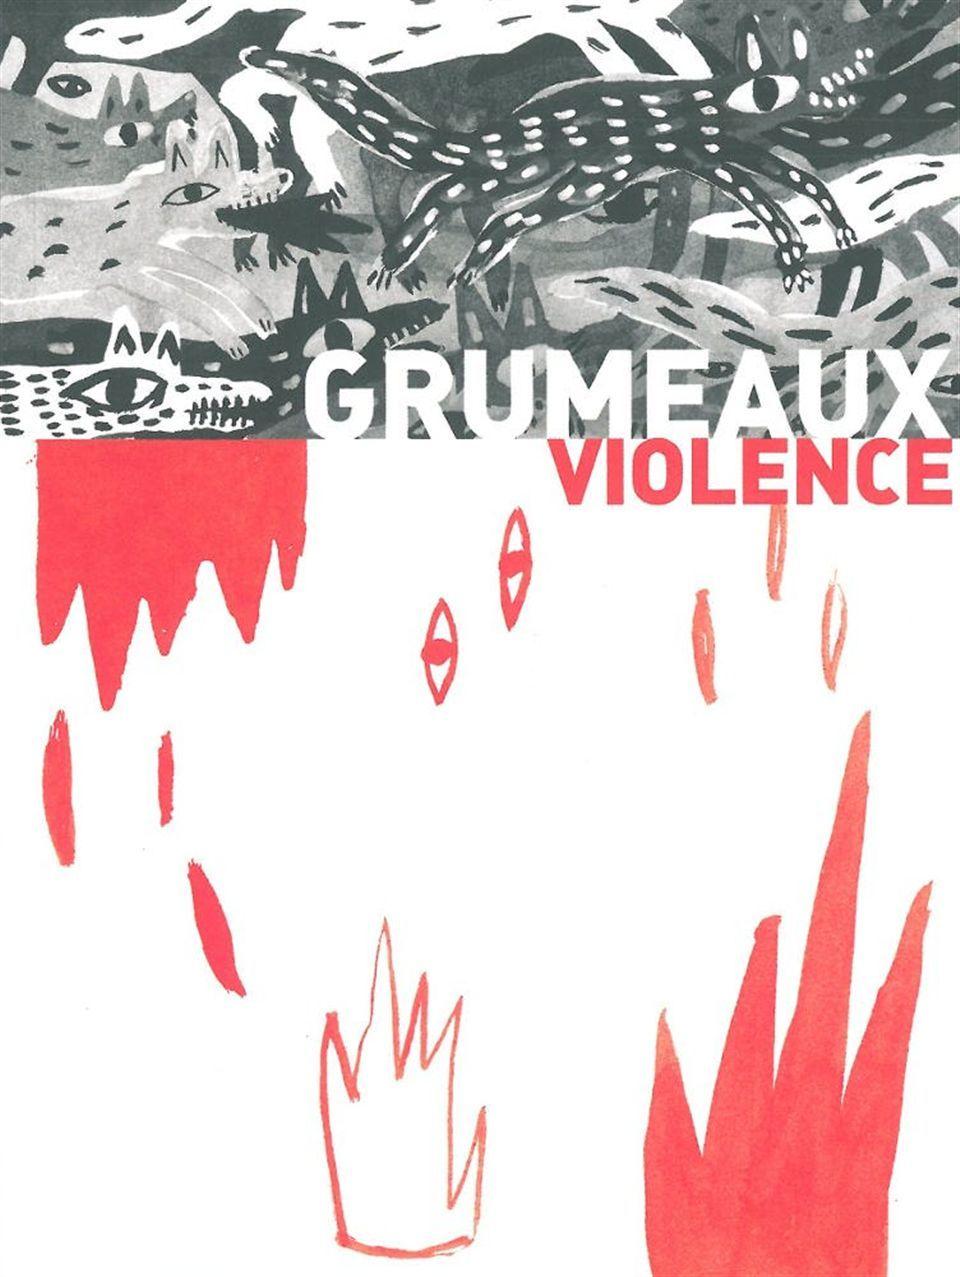 REVUE GRUMEAUX N 3 - VIOLENCE